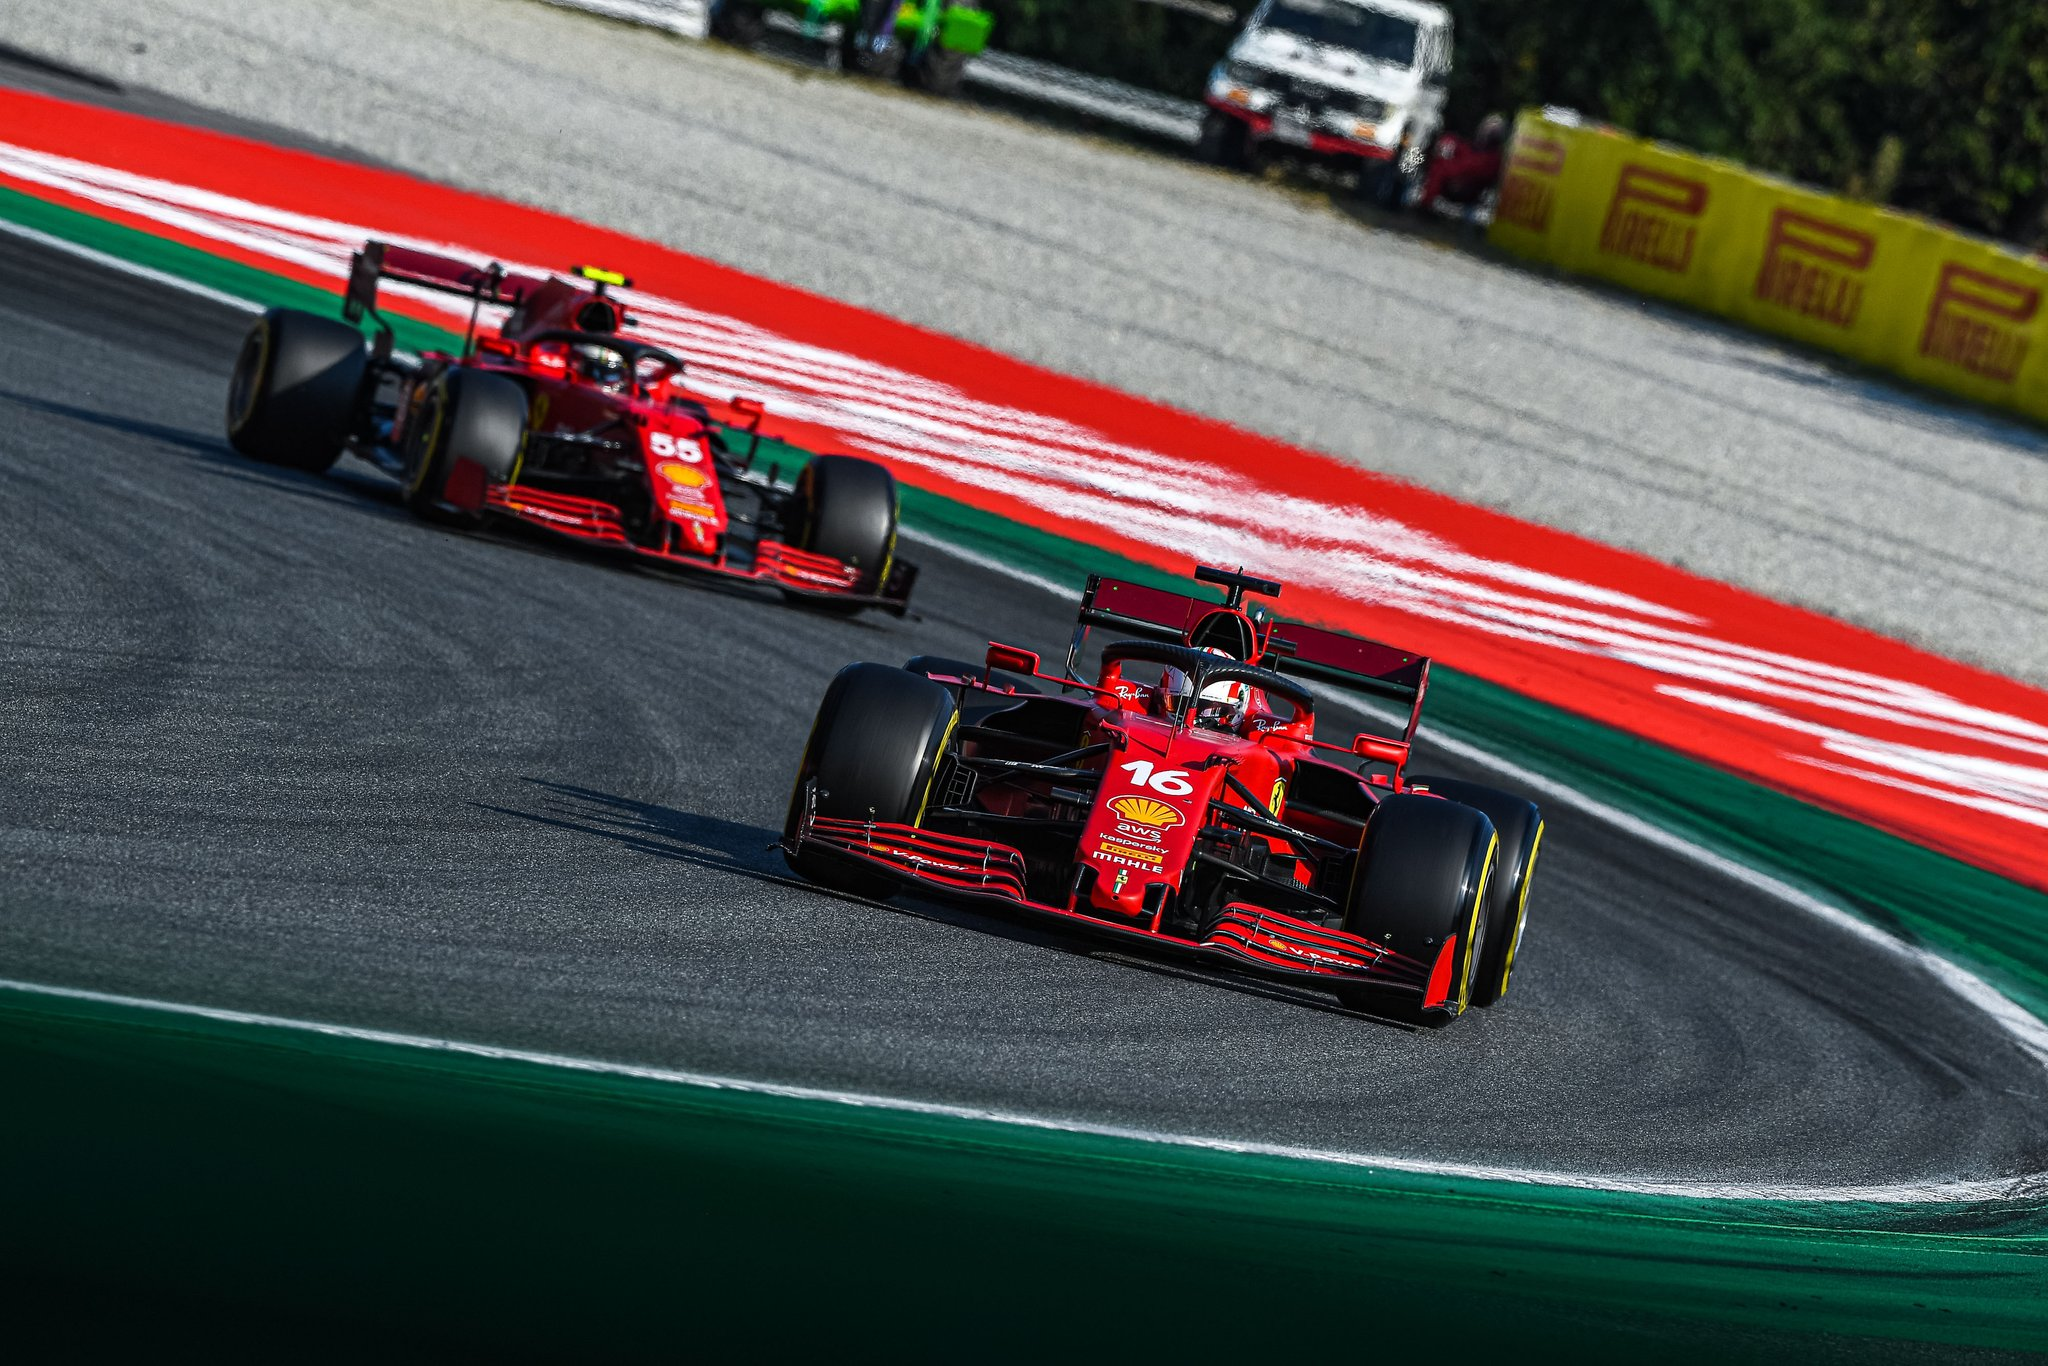 Elogio di una Formula 1 moderna un po' troppo bastonata